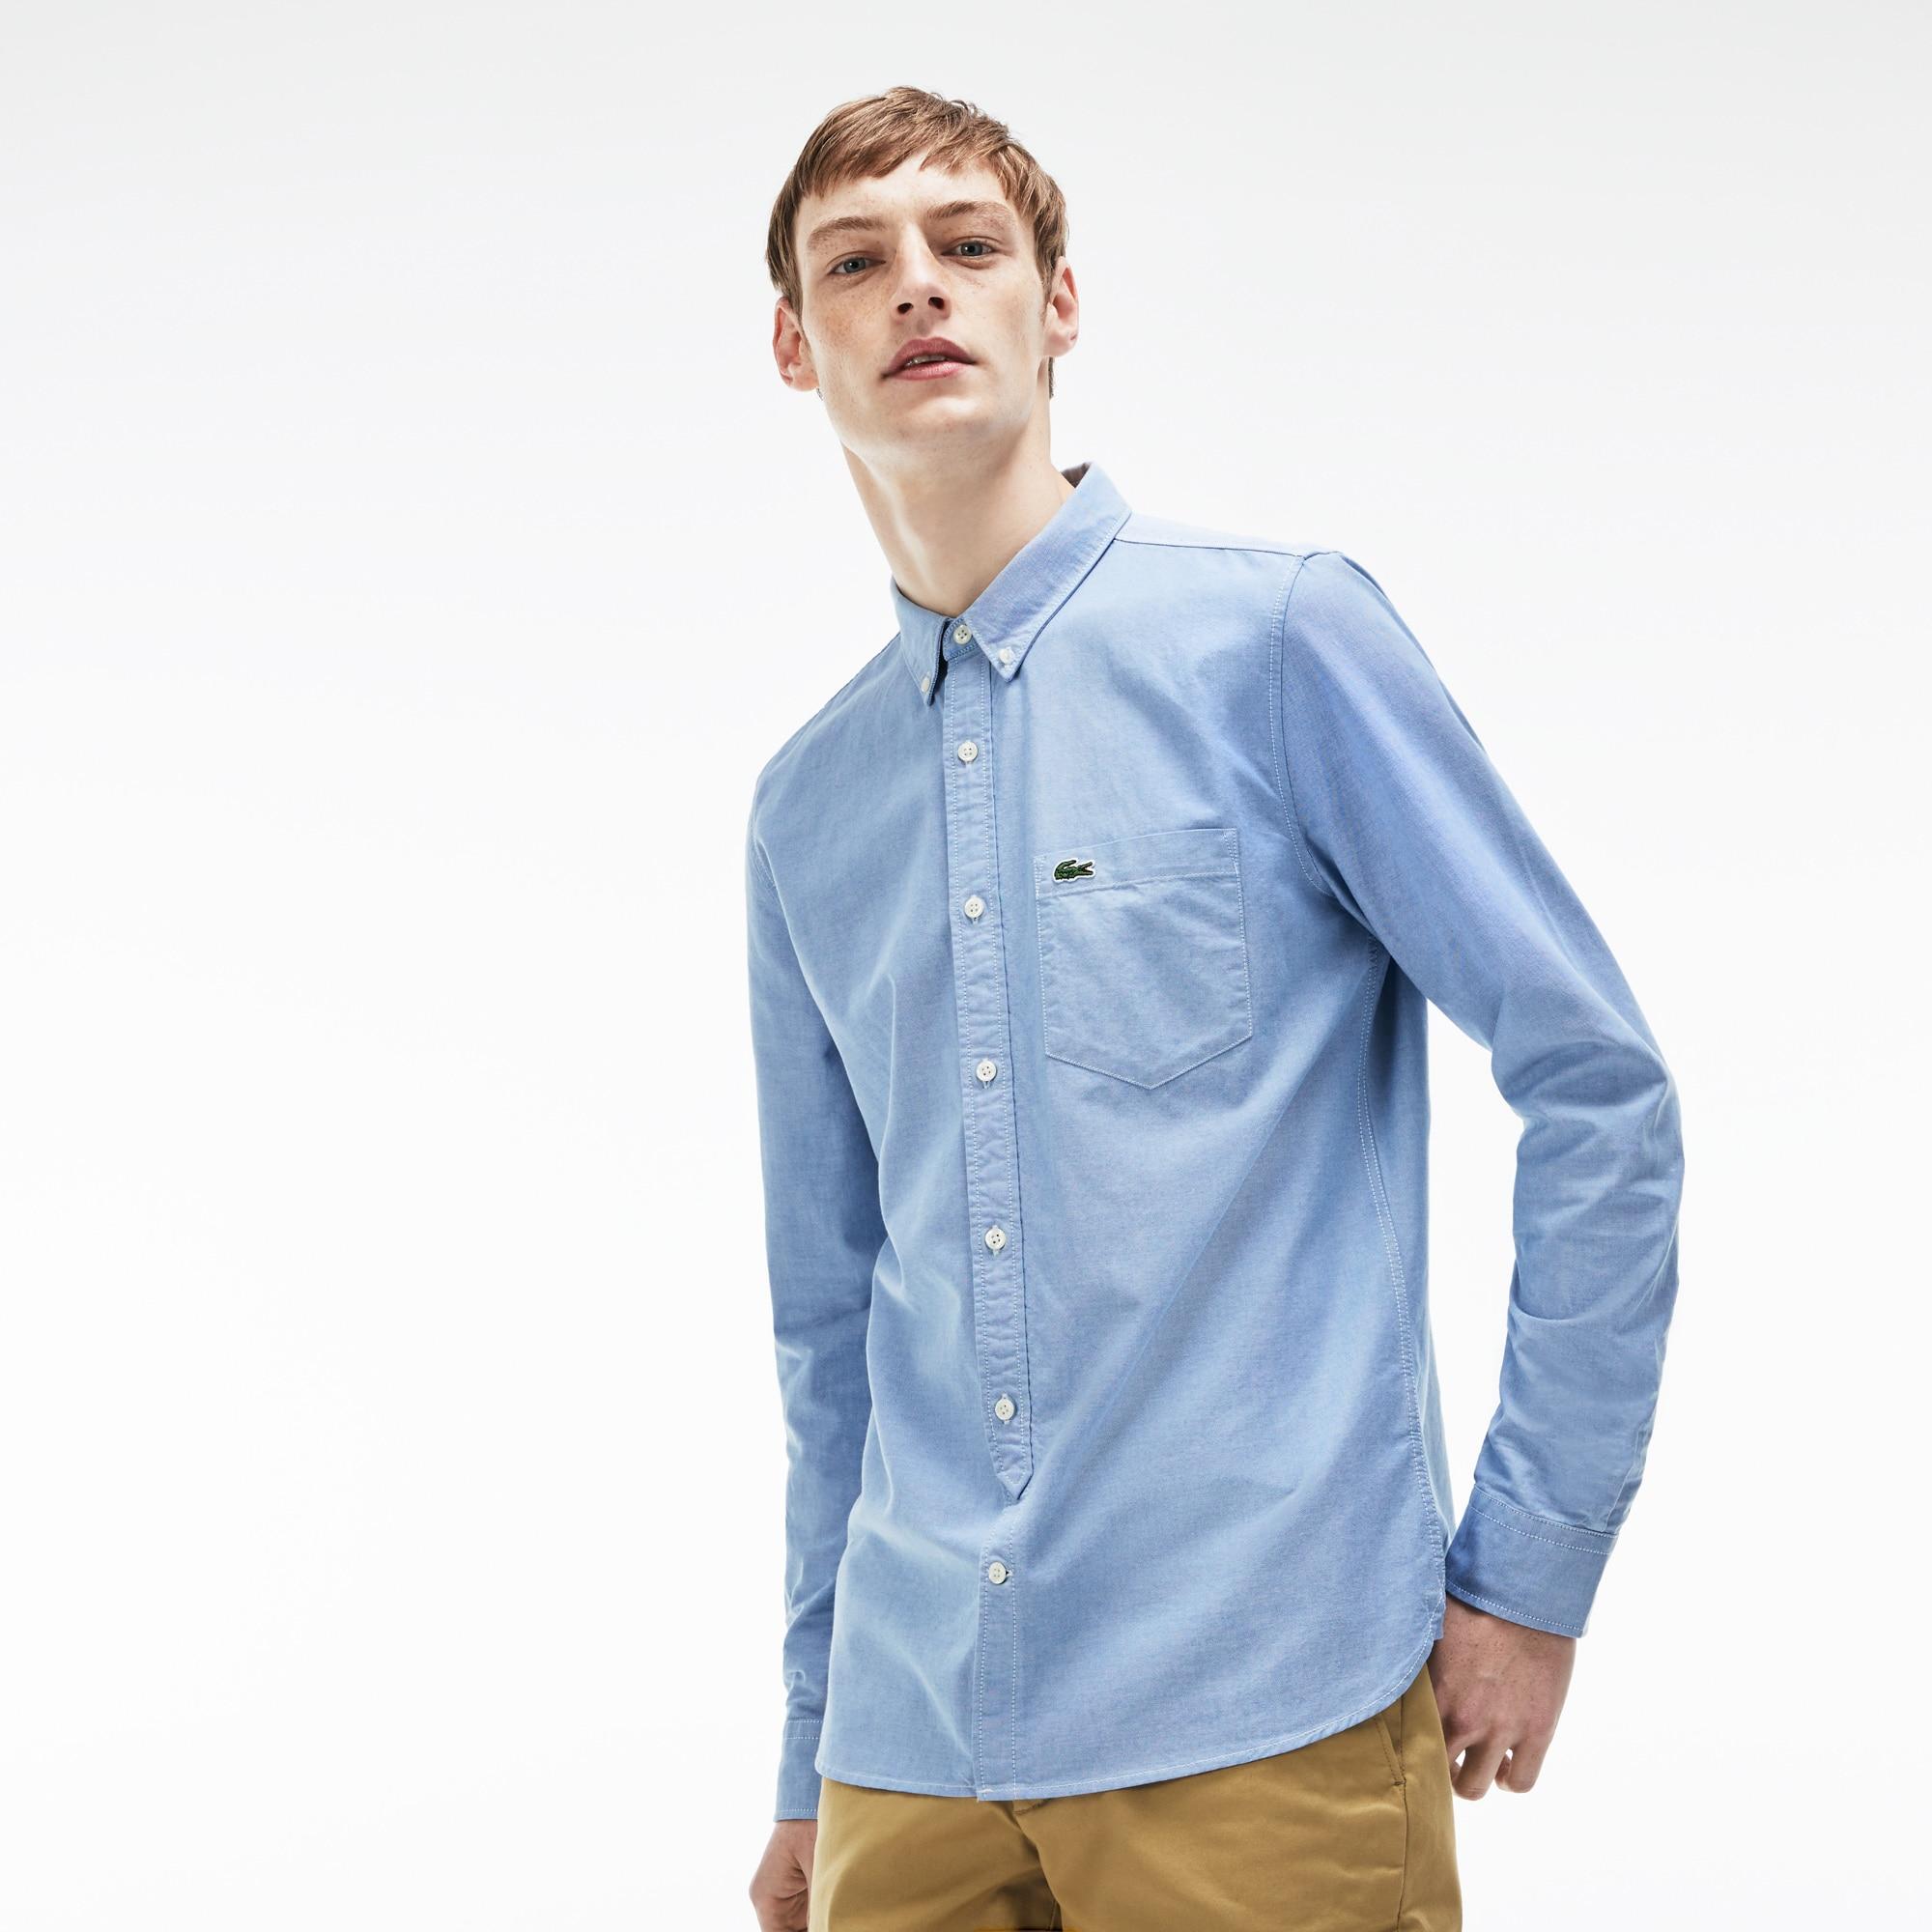 Men's Lacoste LIVE Slim Fit Oxford Cotton Shirt